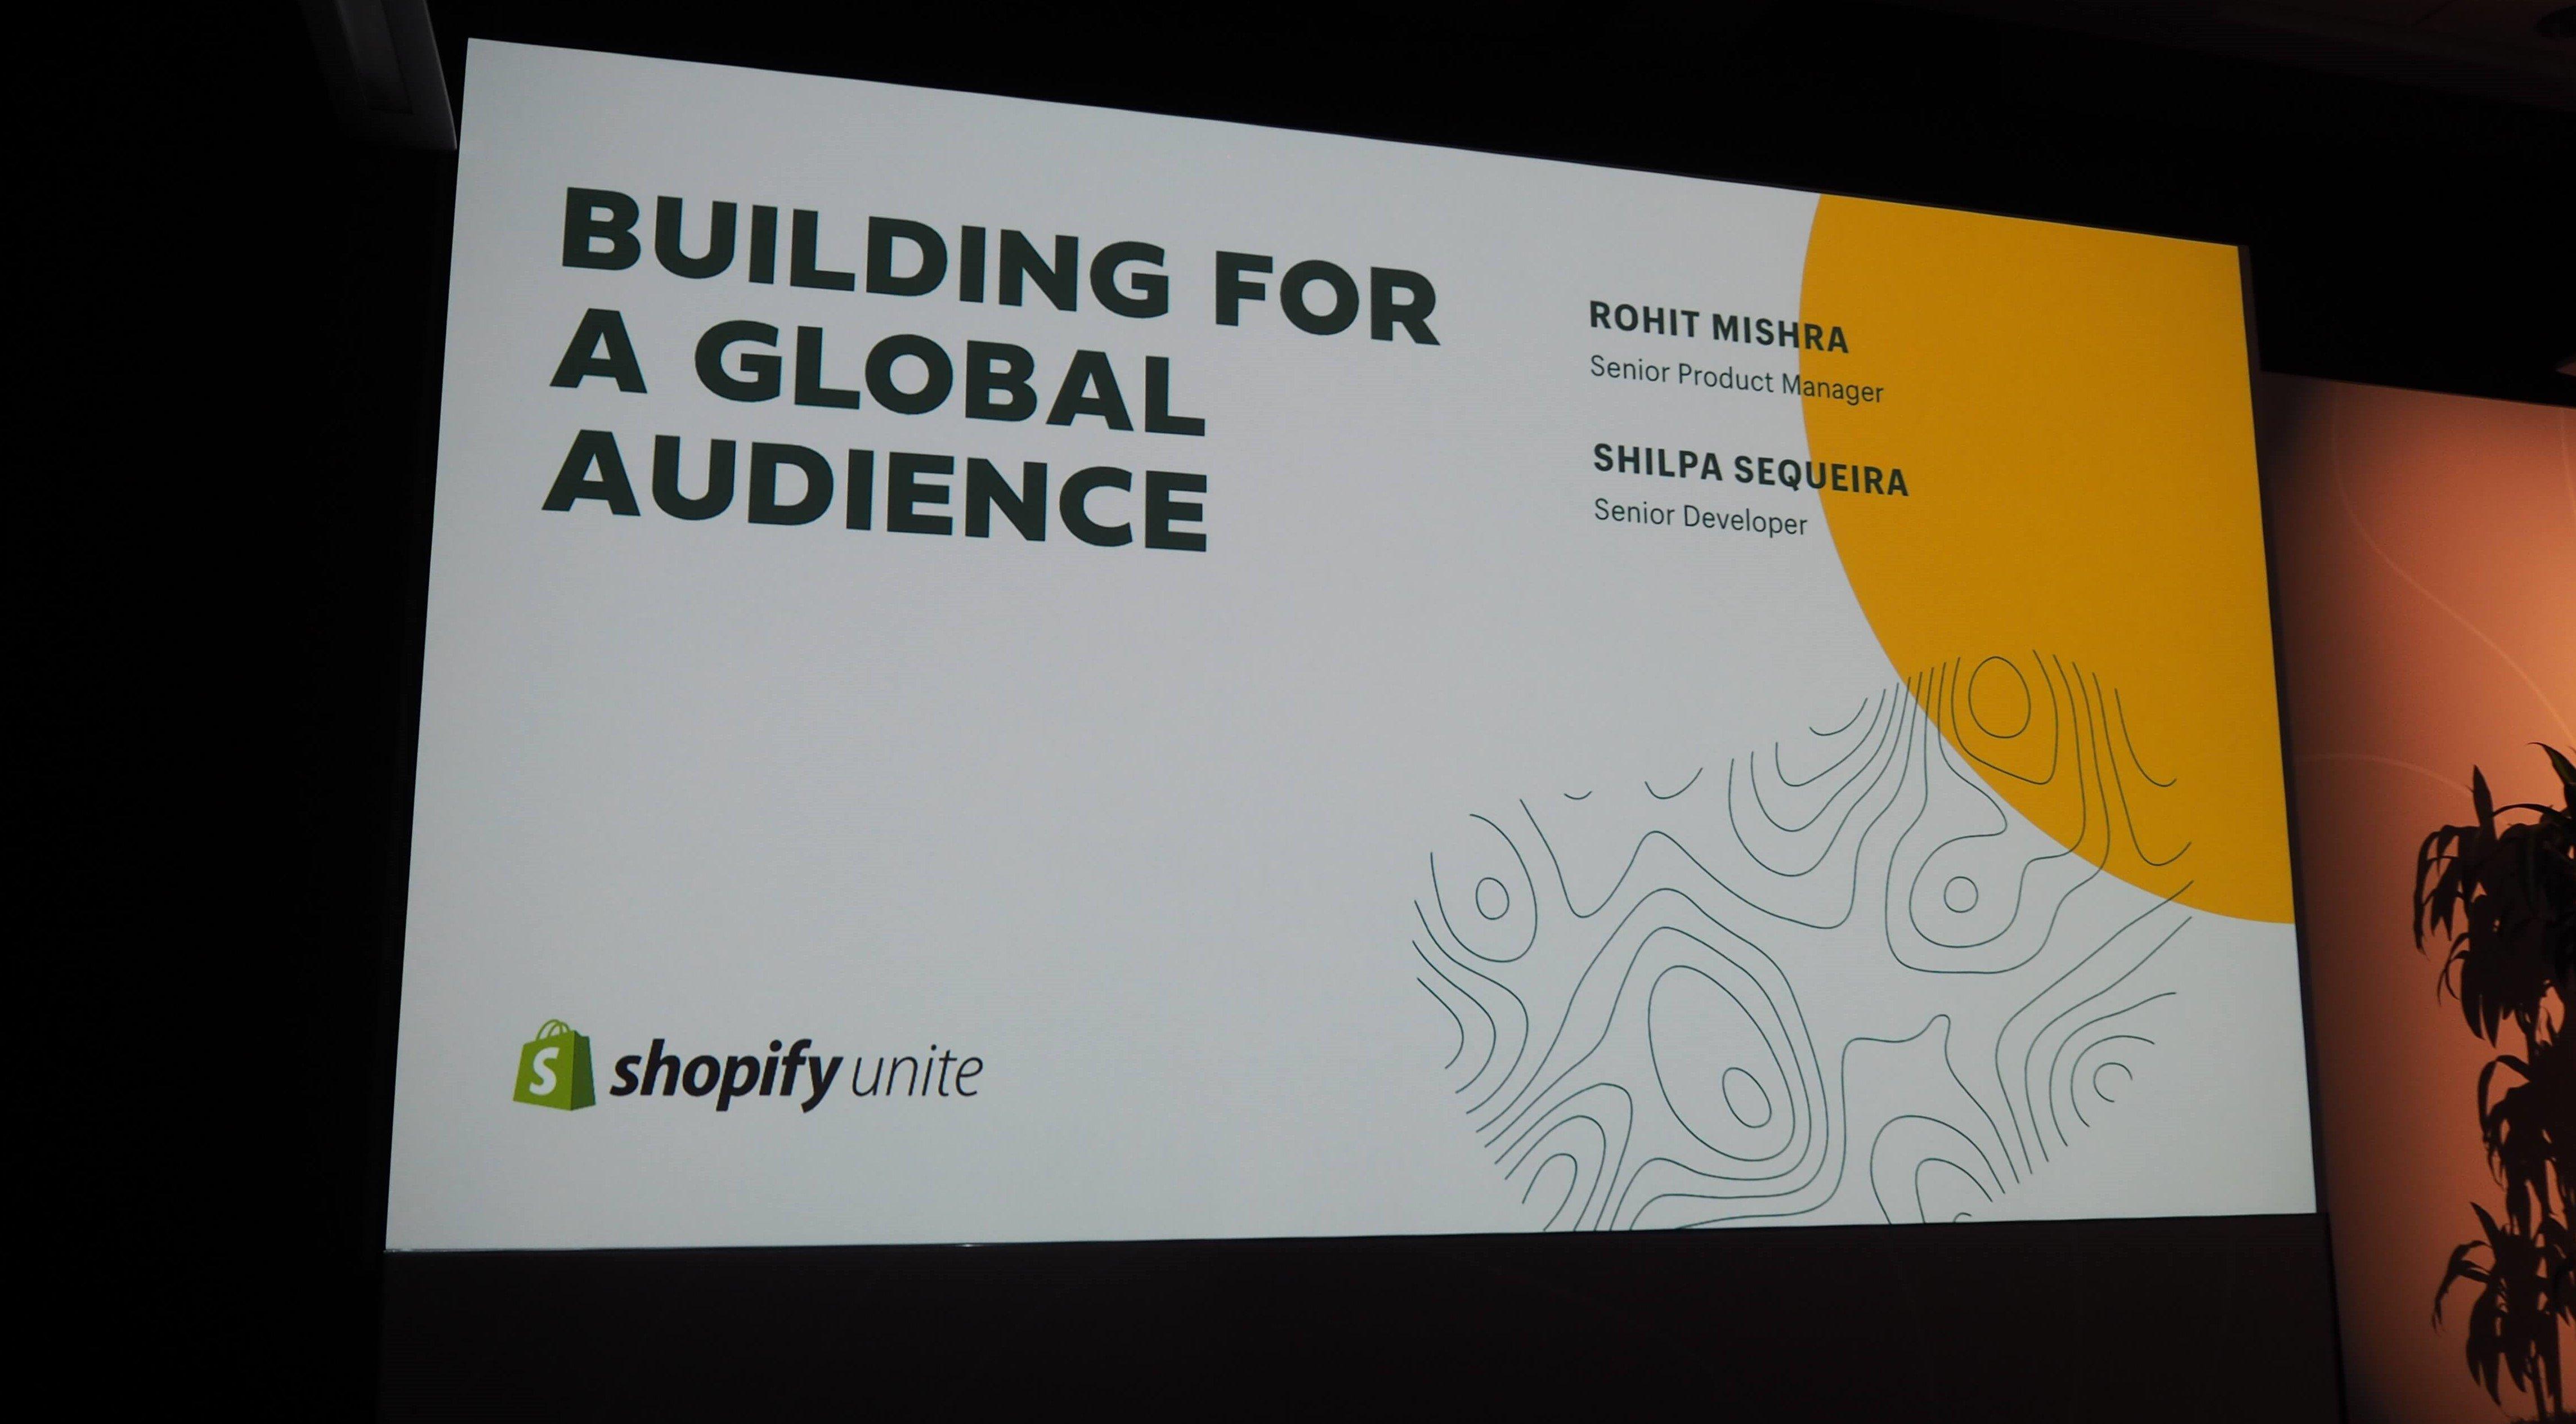 こちらのセッションテーマは「グローバル視点でのユーザー獲得」